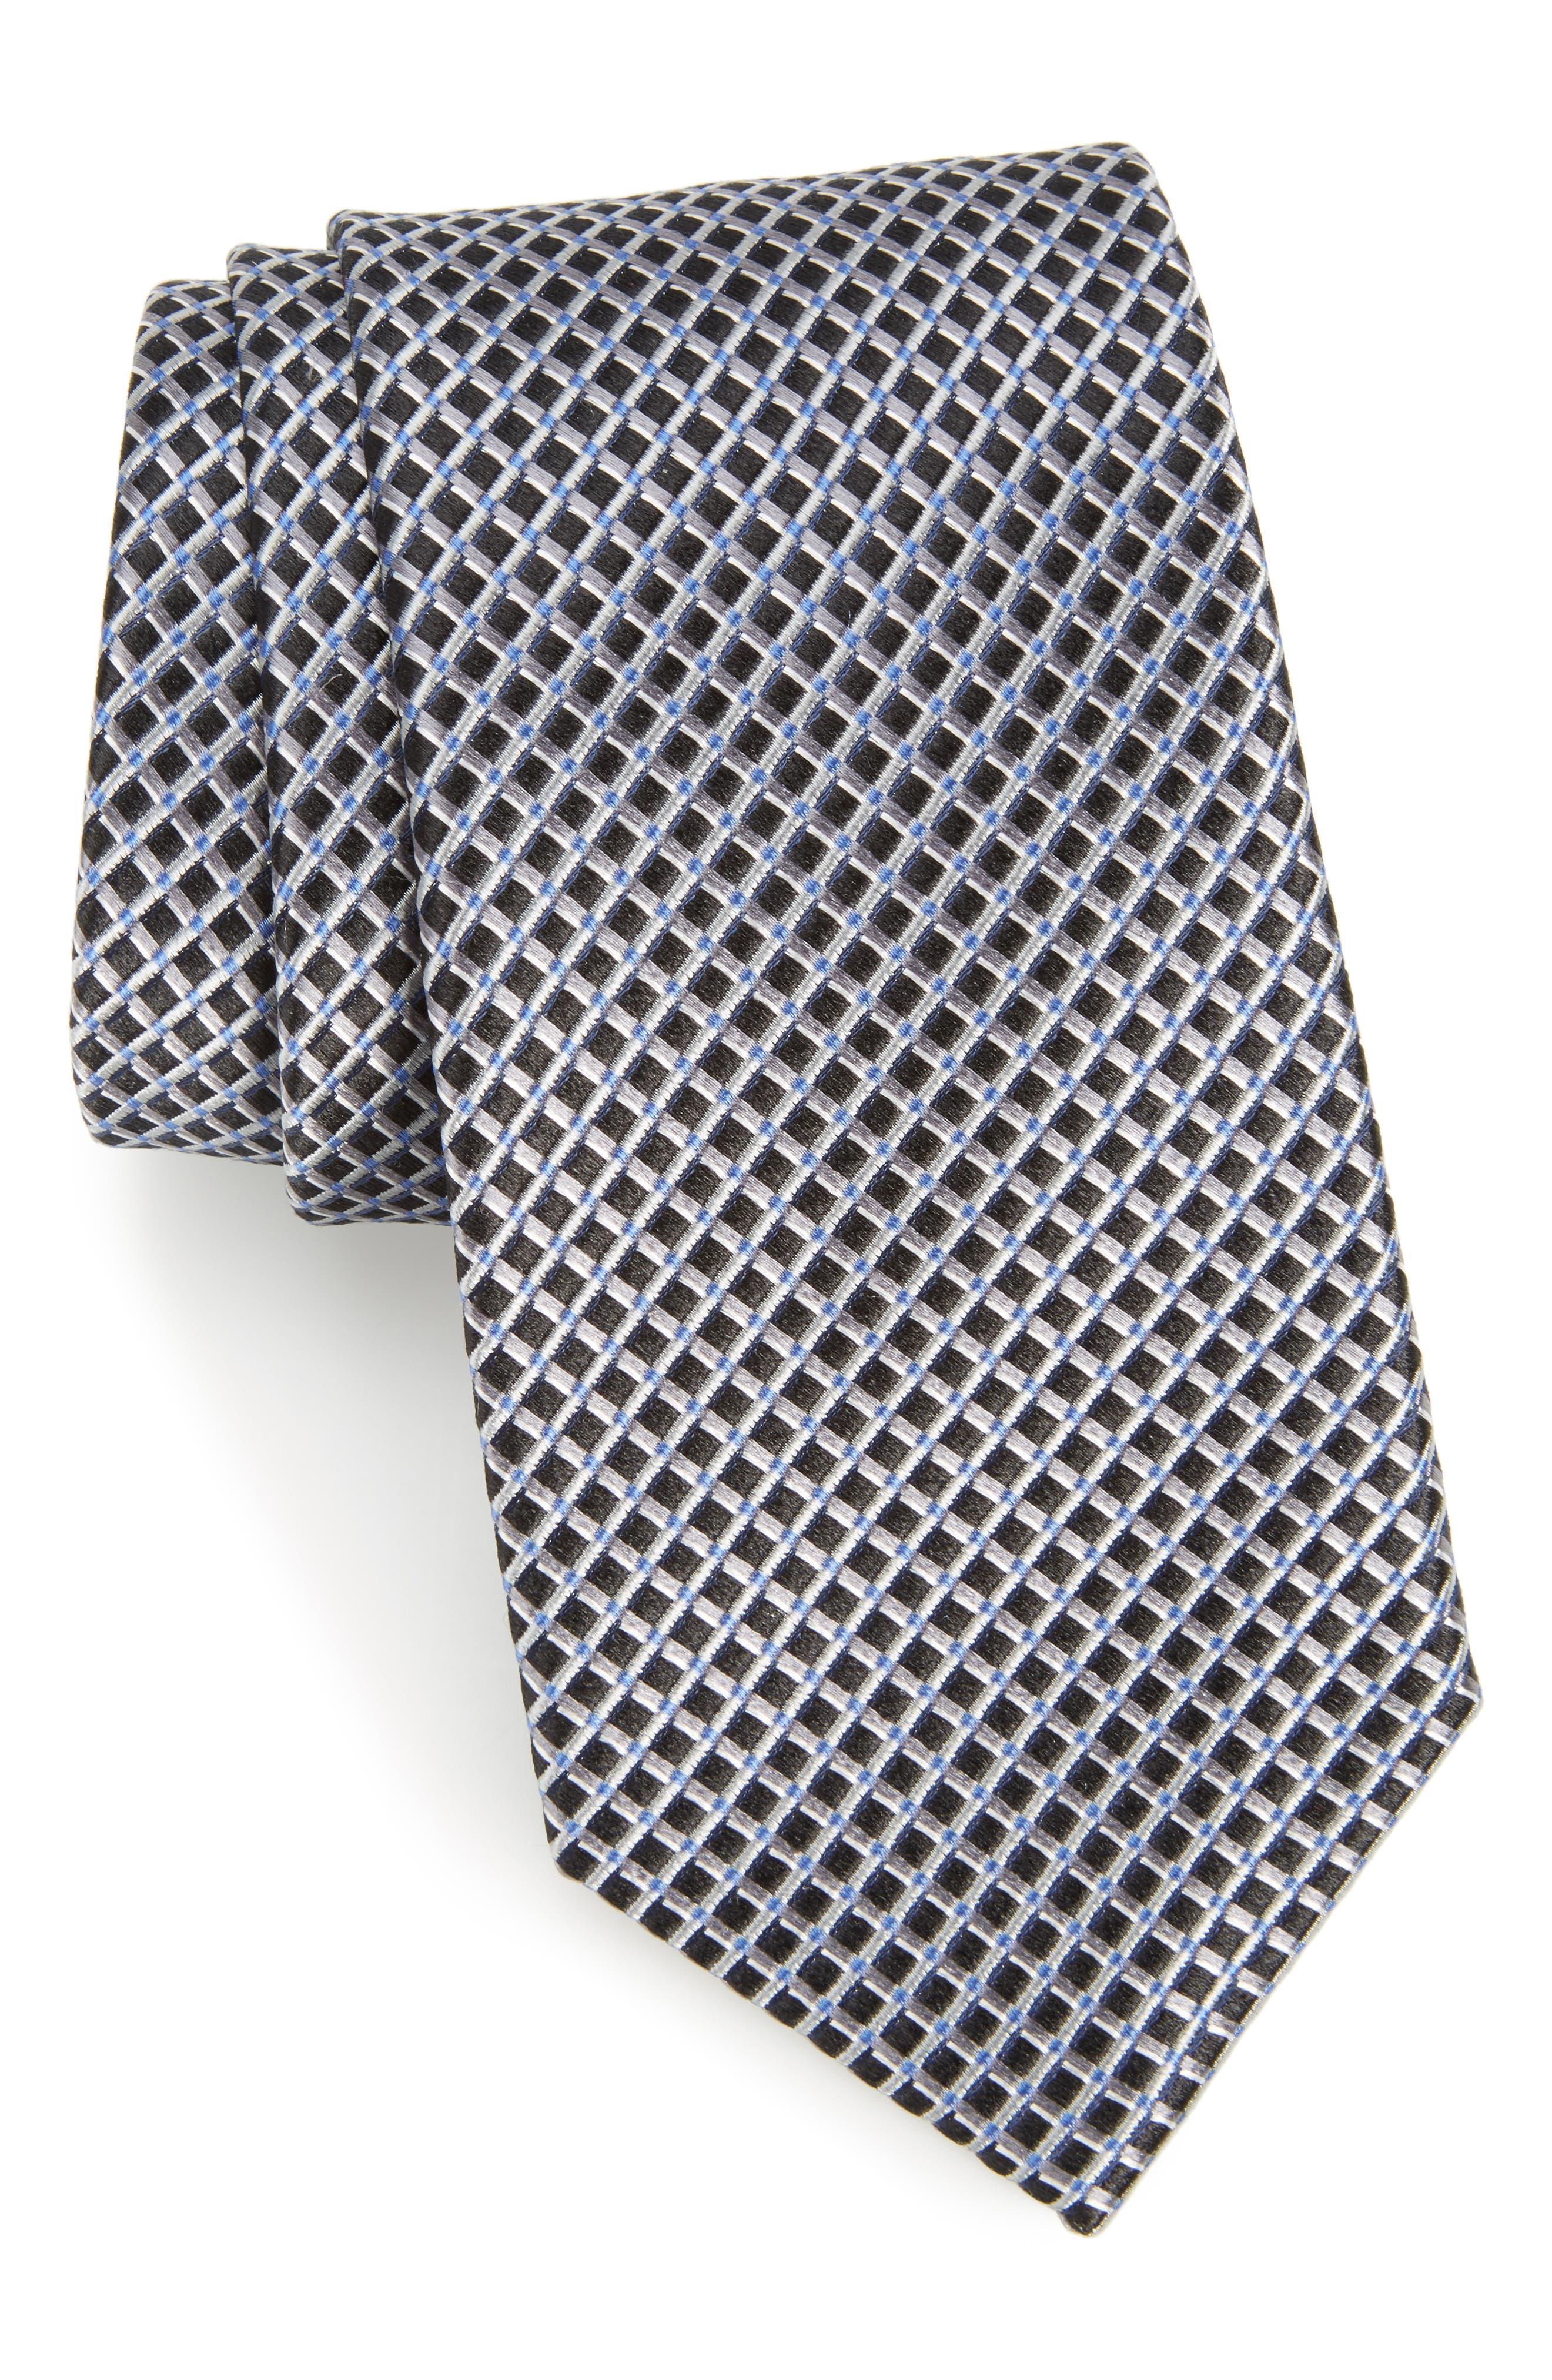 Alternate Image 1 Selected - Calibrate Lisgar Grid Silk Tie